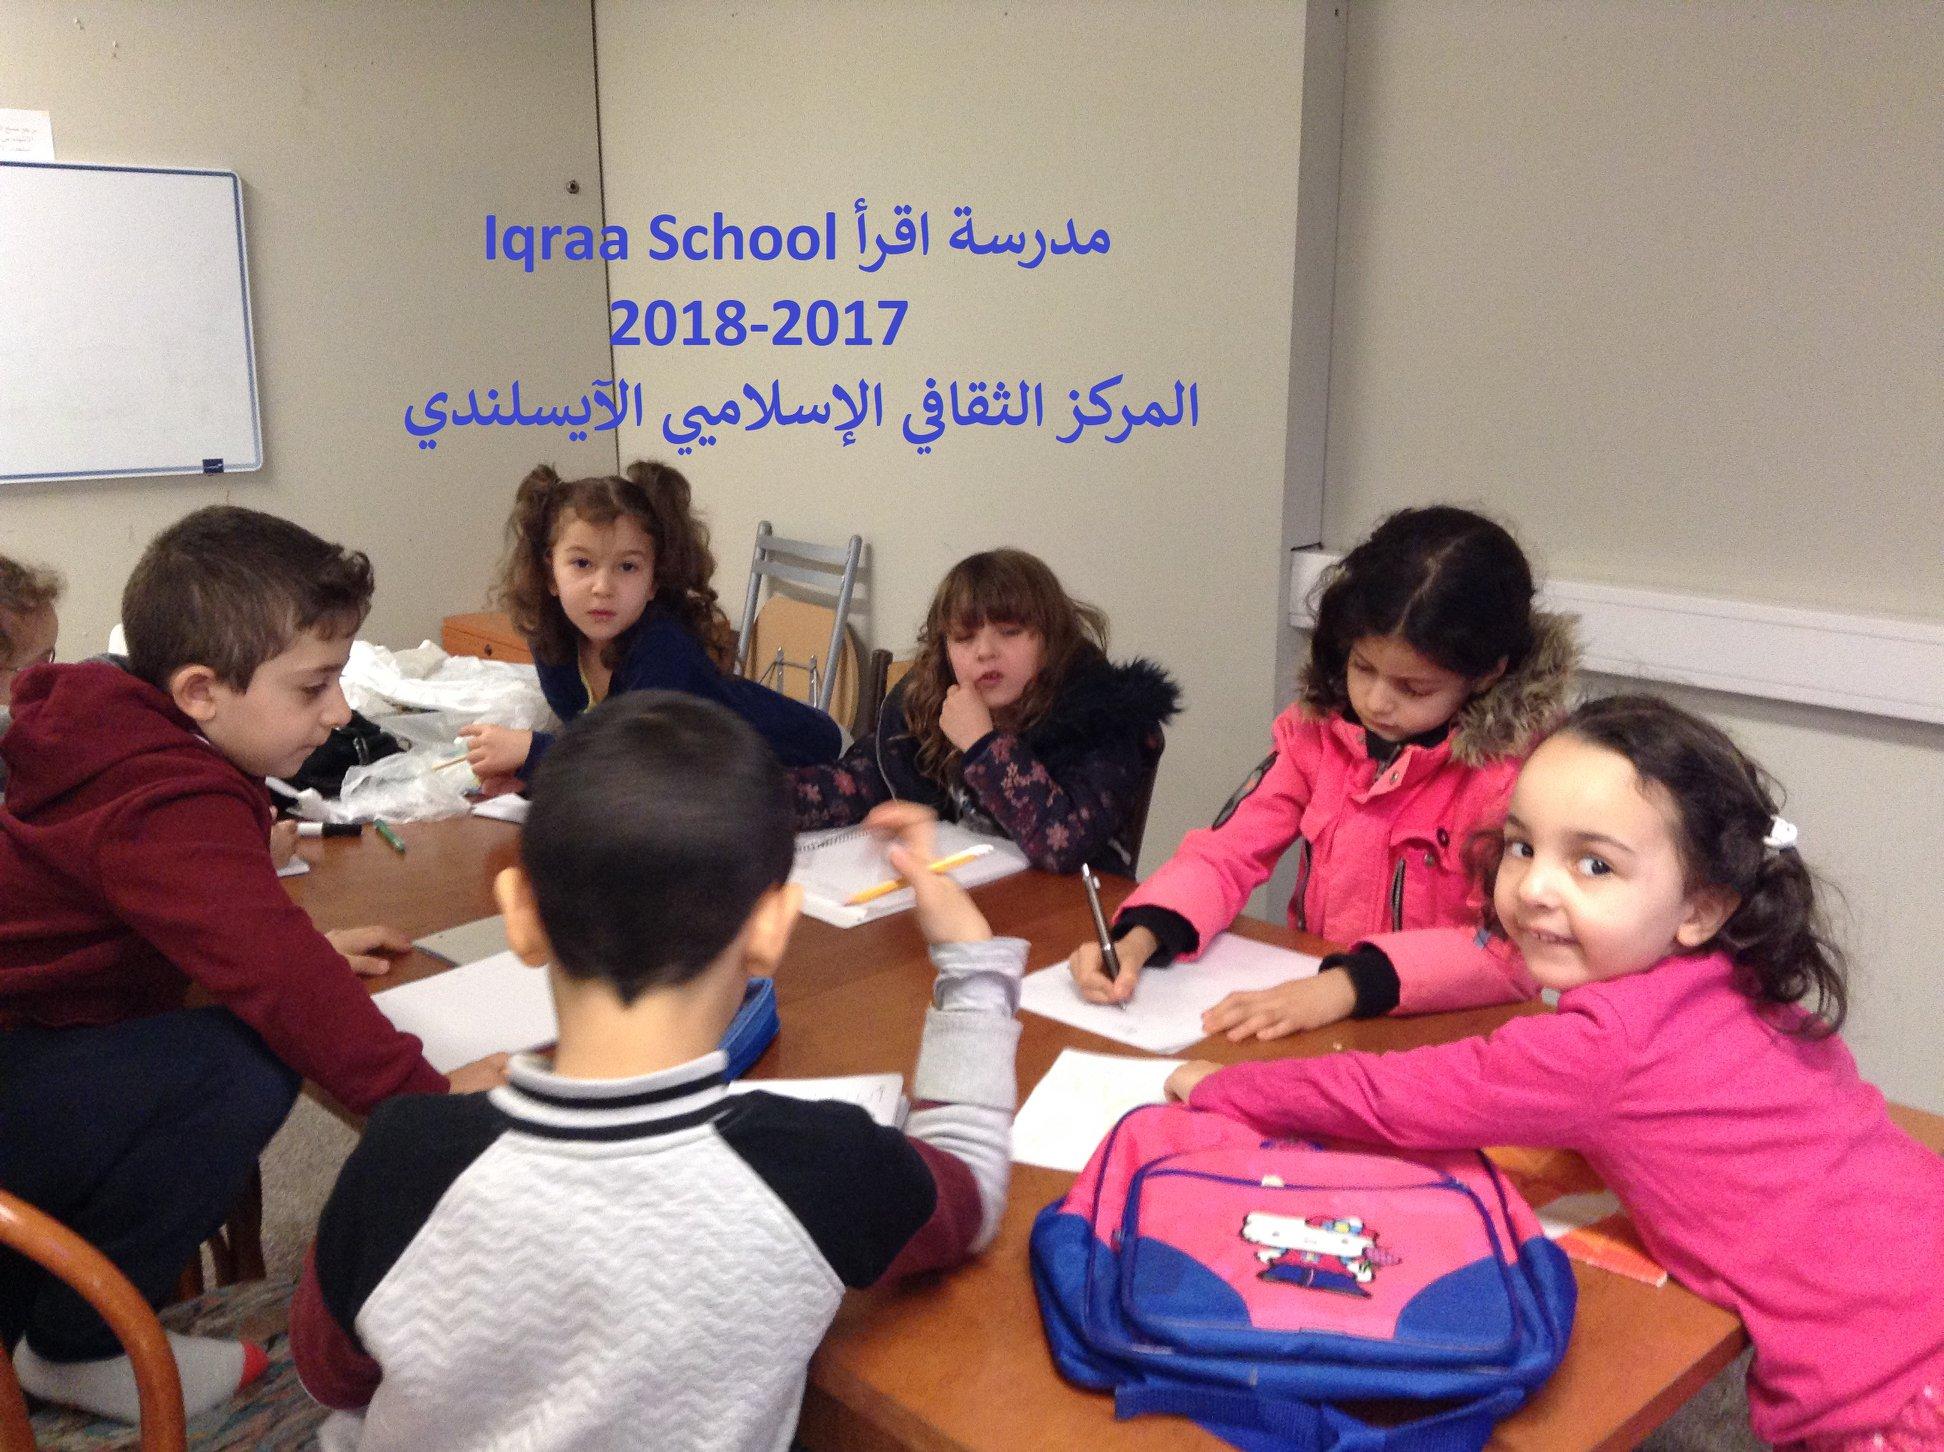 School of IQRA